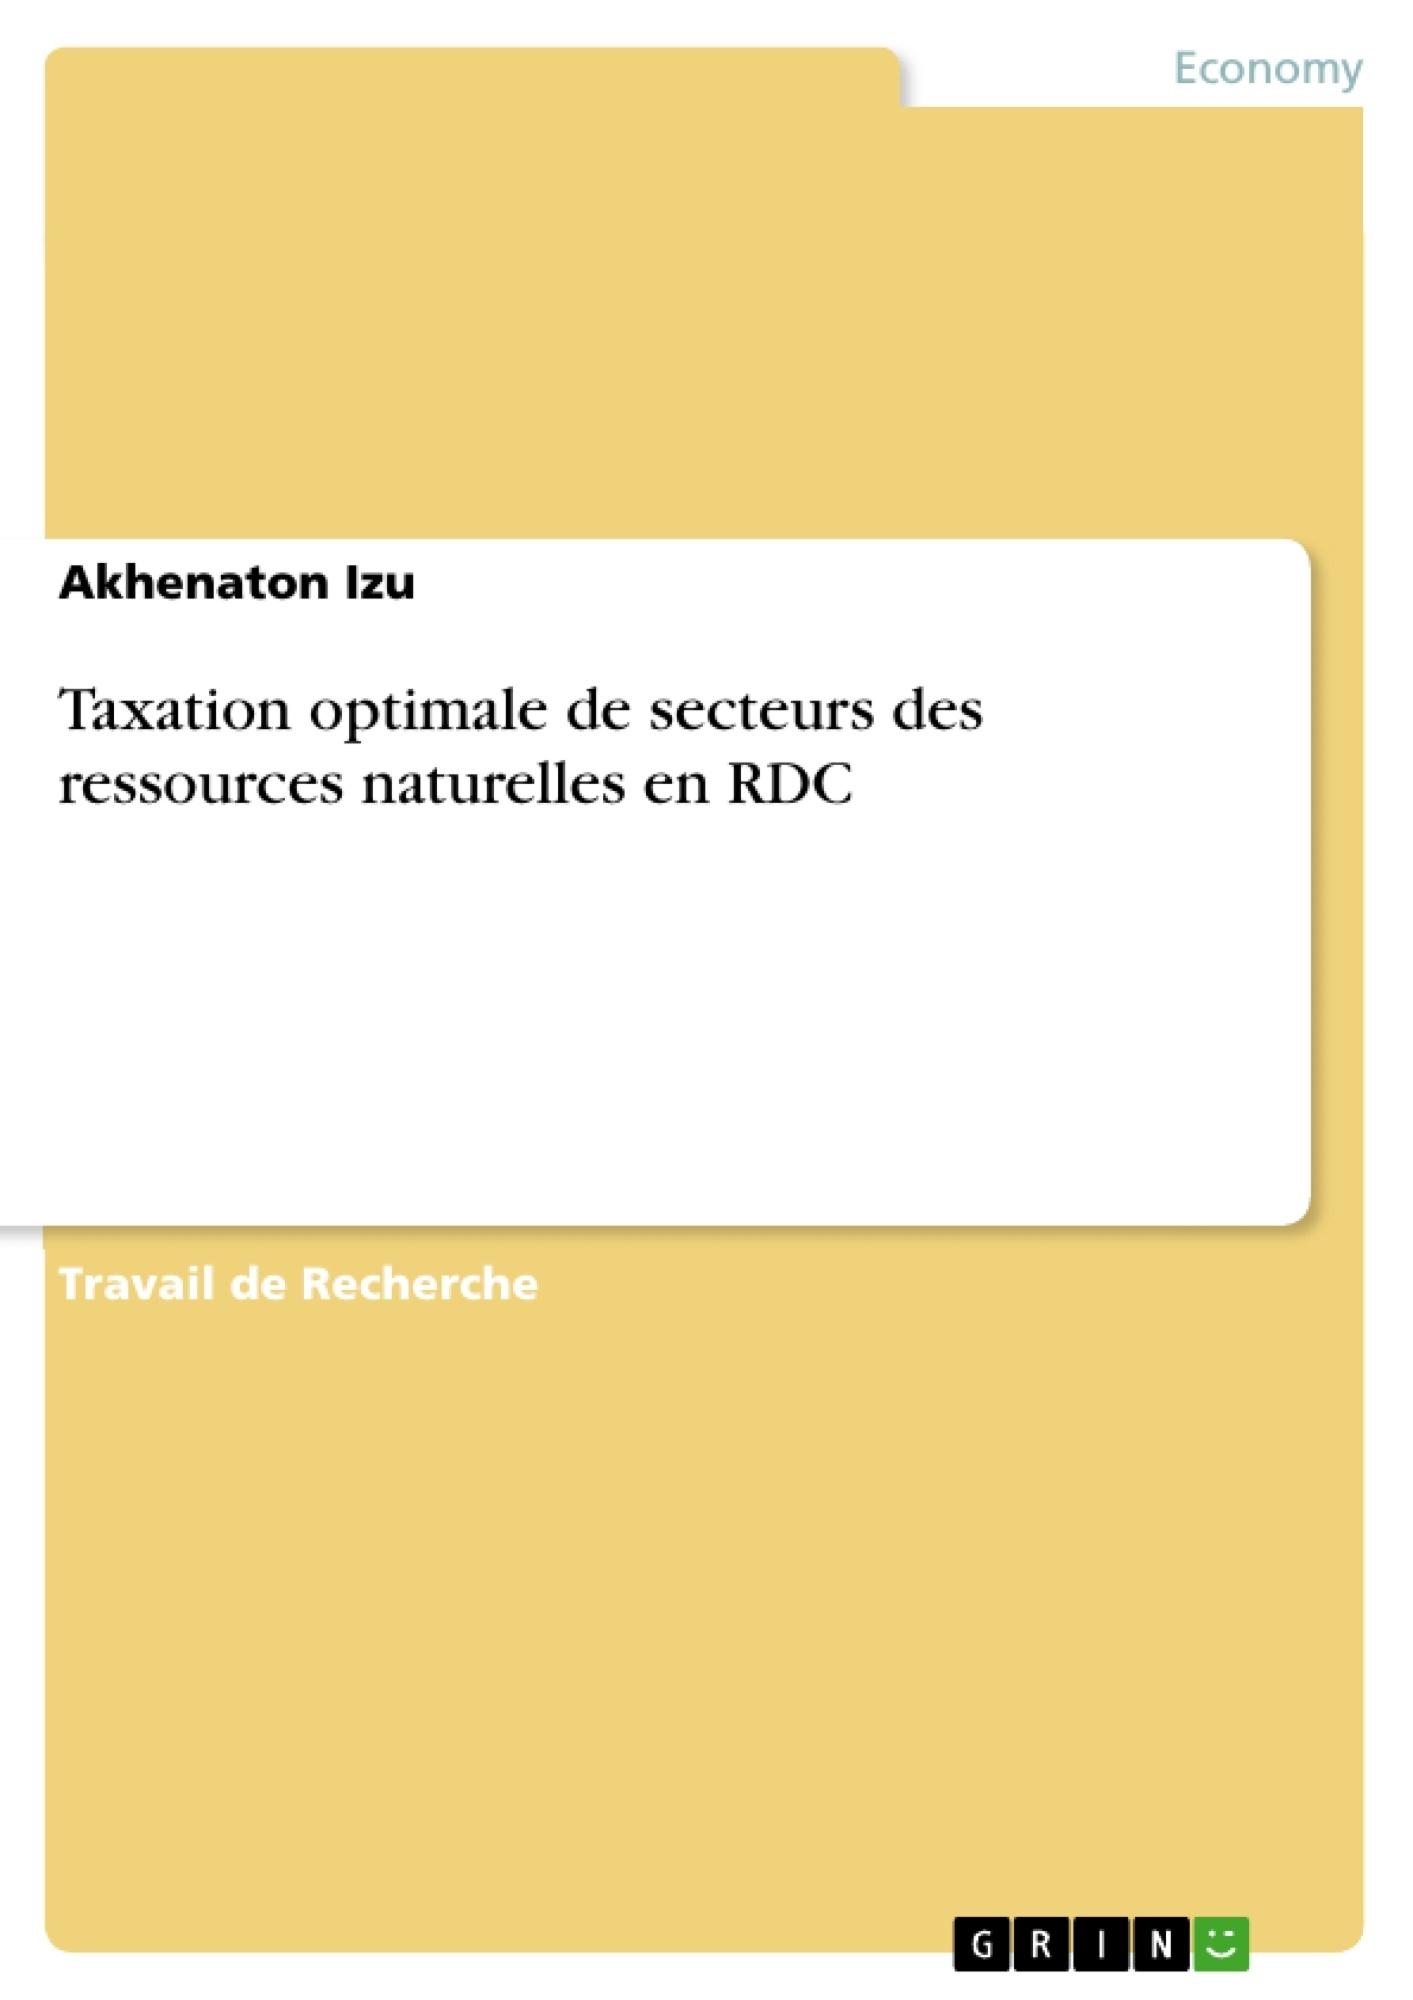 Titre: Taxation optimale de secteurs des ressources naturelles en RDC